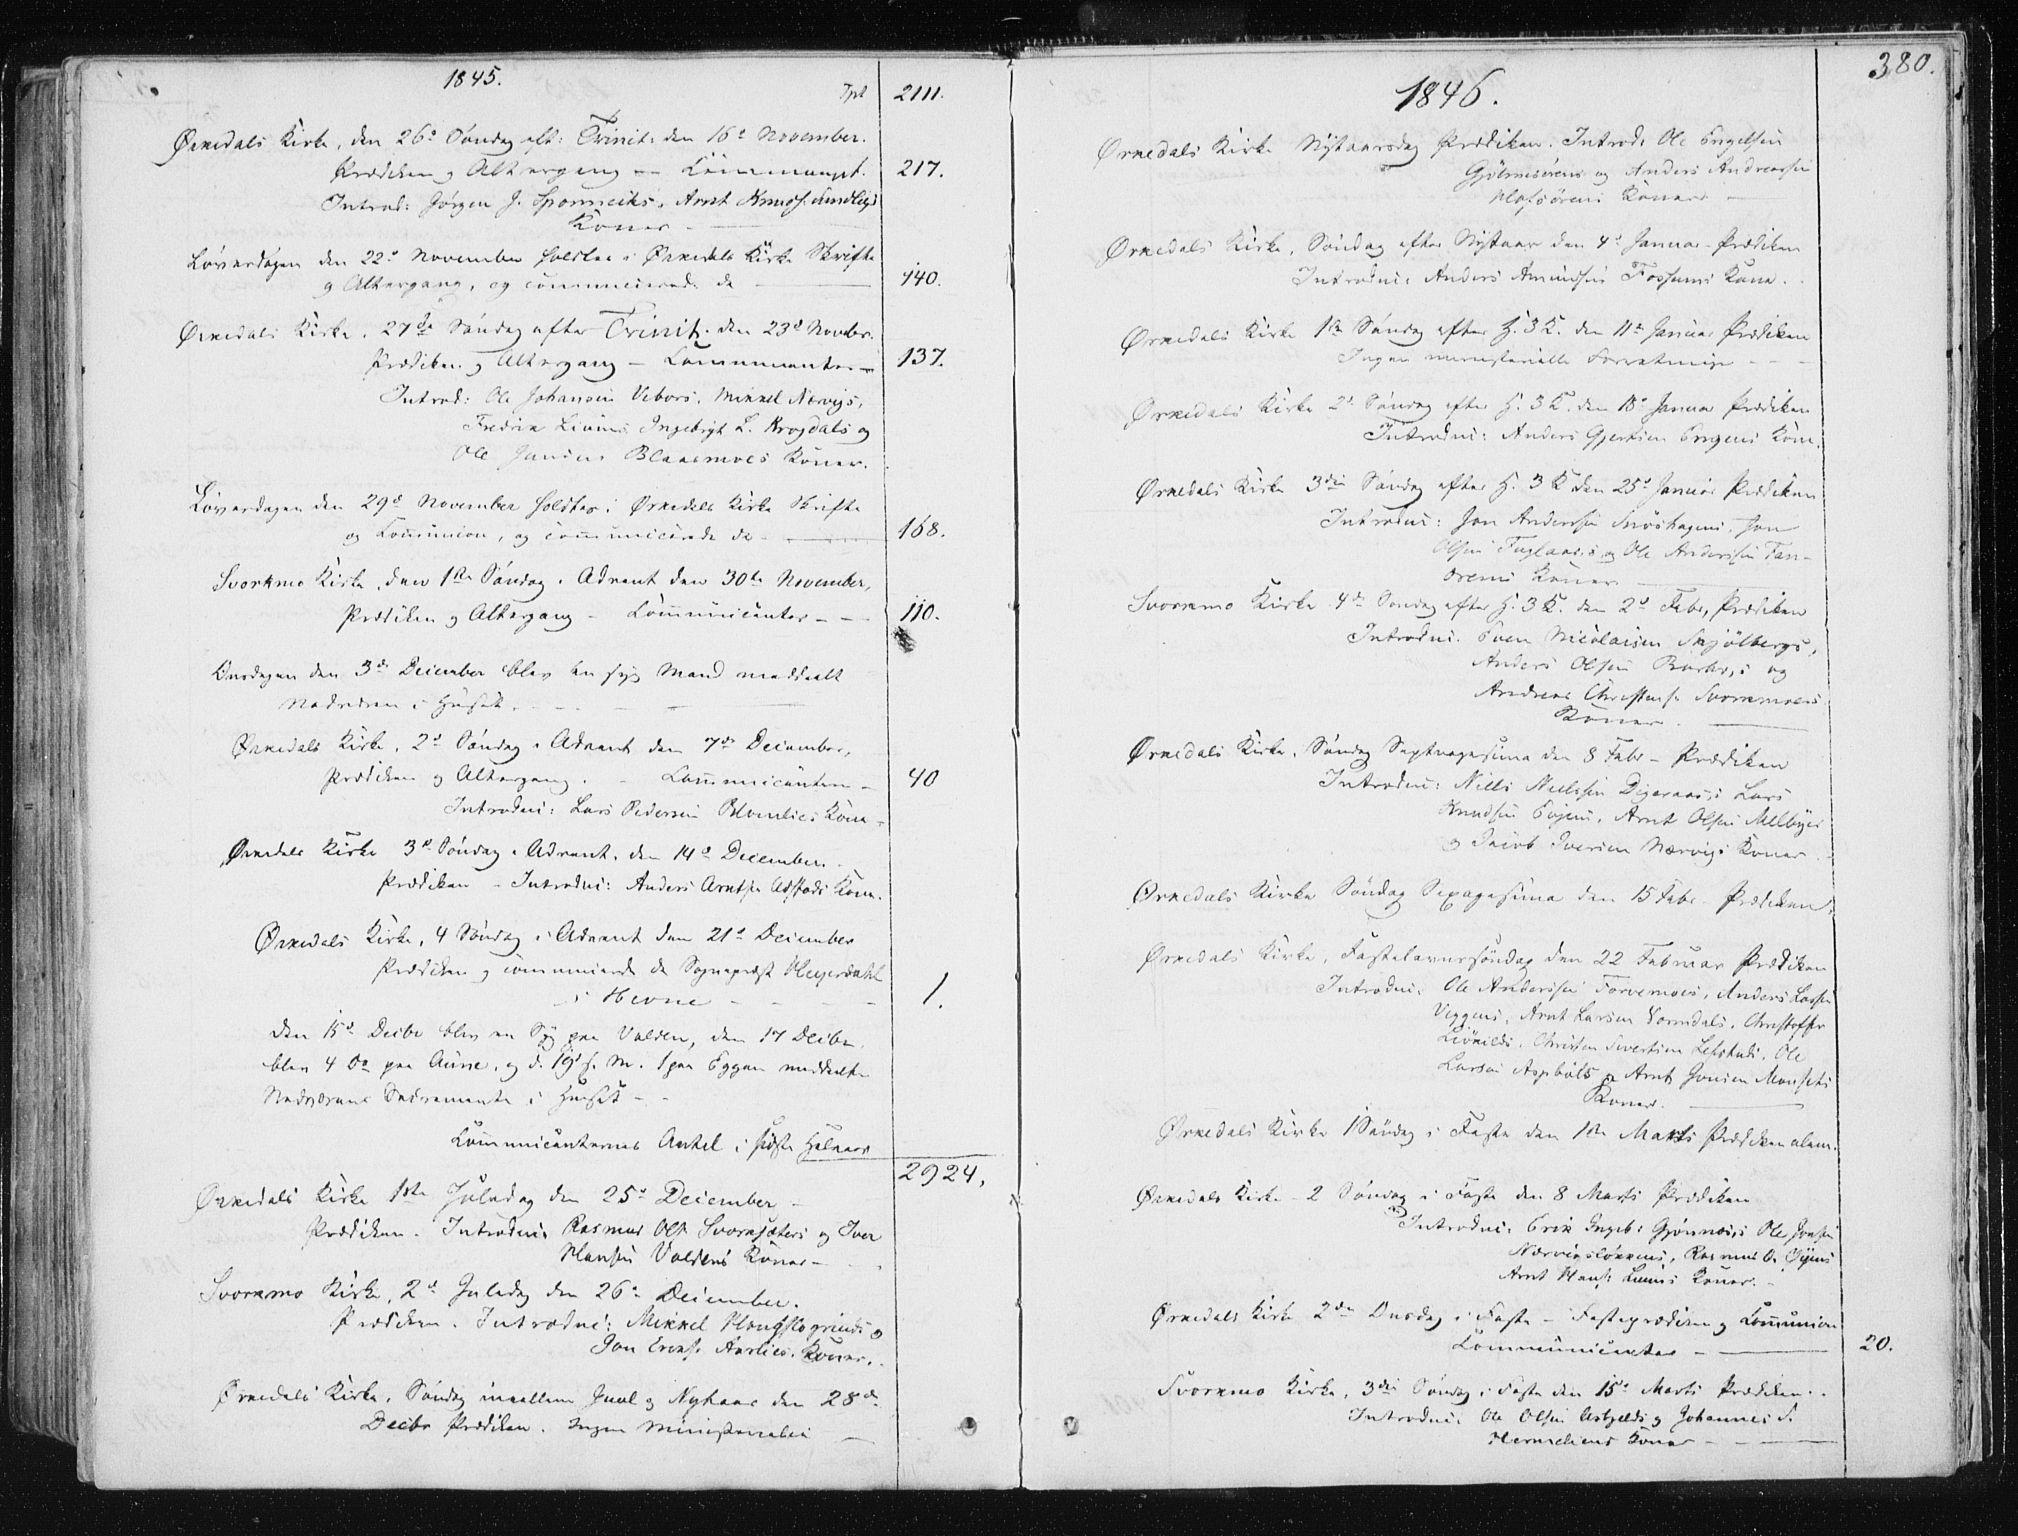 SAT, Ministerialprotokoller, klokkerbøker og fødselsregistre - Sør-Trøndelag, 668/L0805: Ministerialbok nr. 668A05, 1840-1853, s. 380